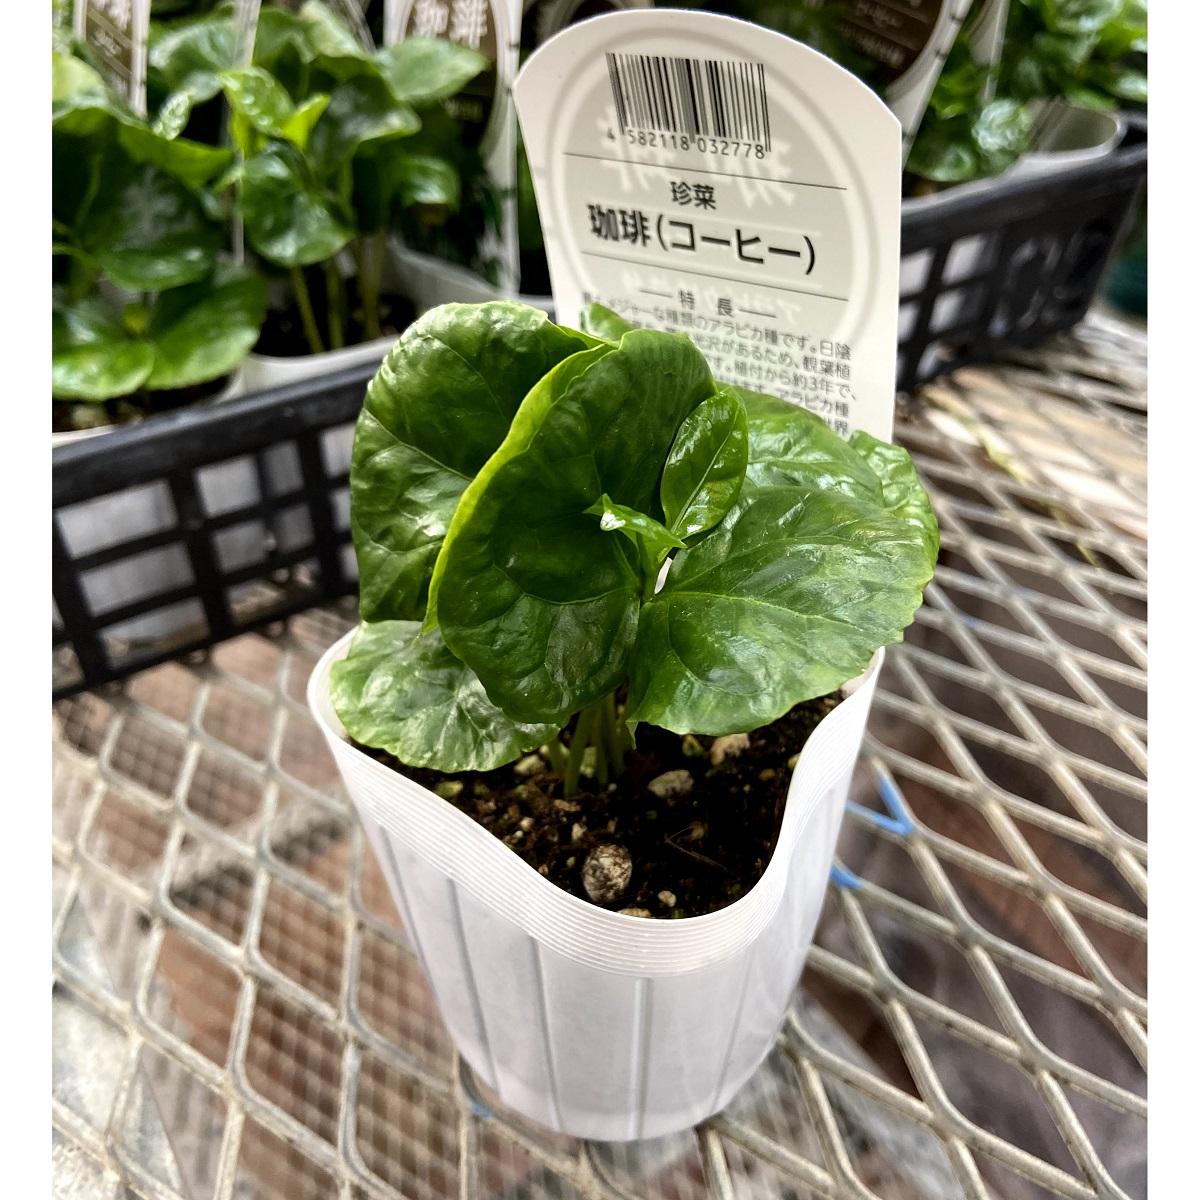 コーヒー(珈琲) アラビカ矮性種の苗